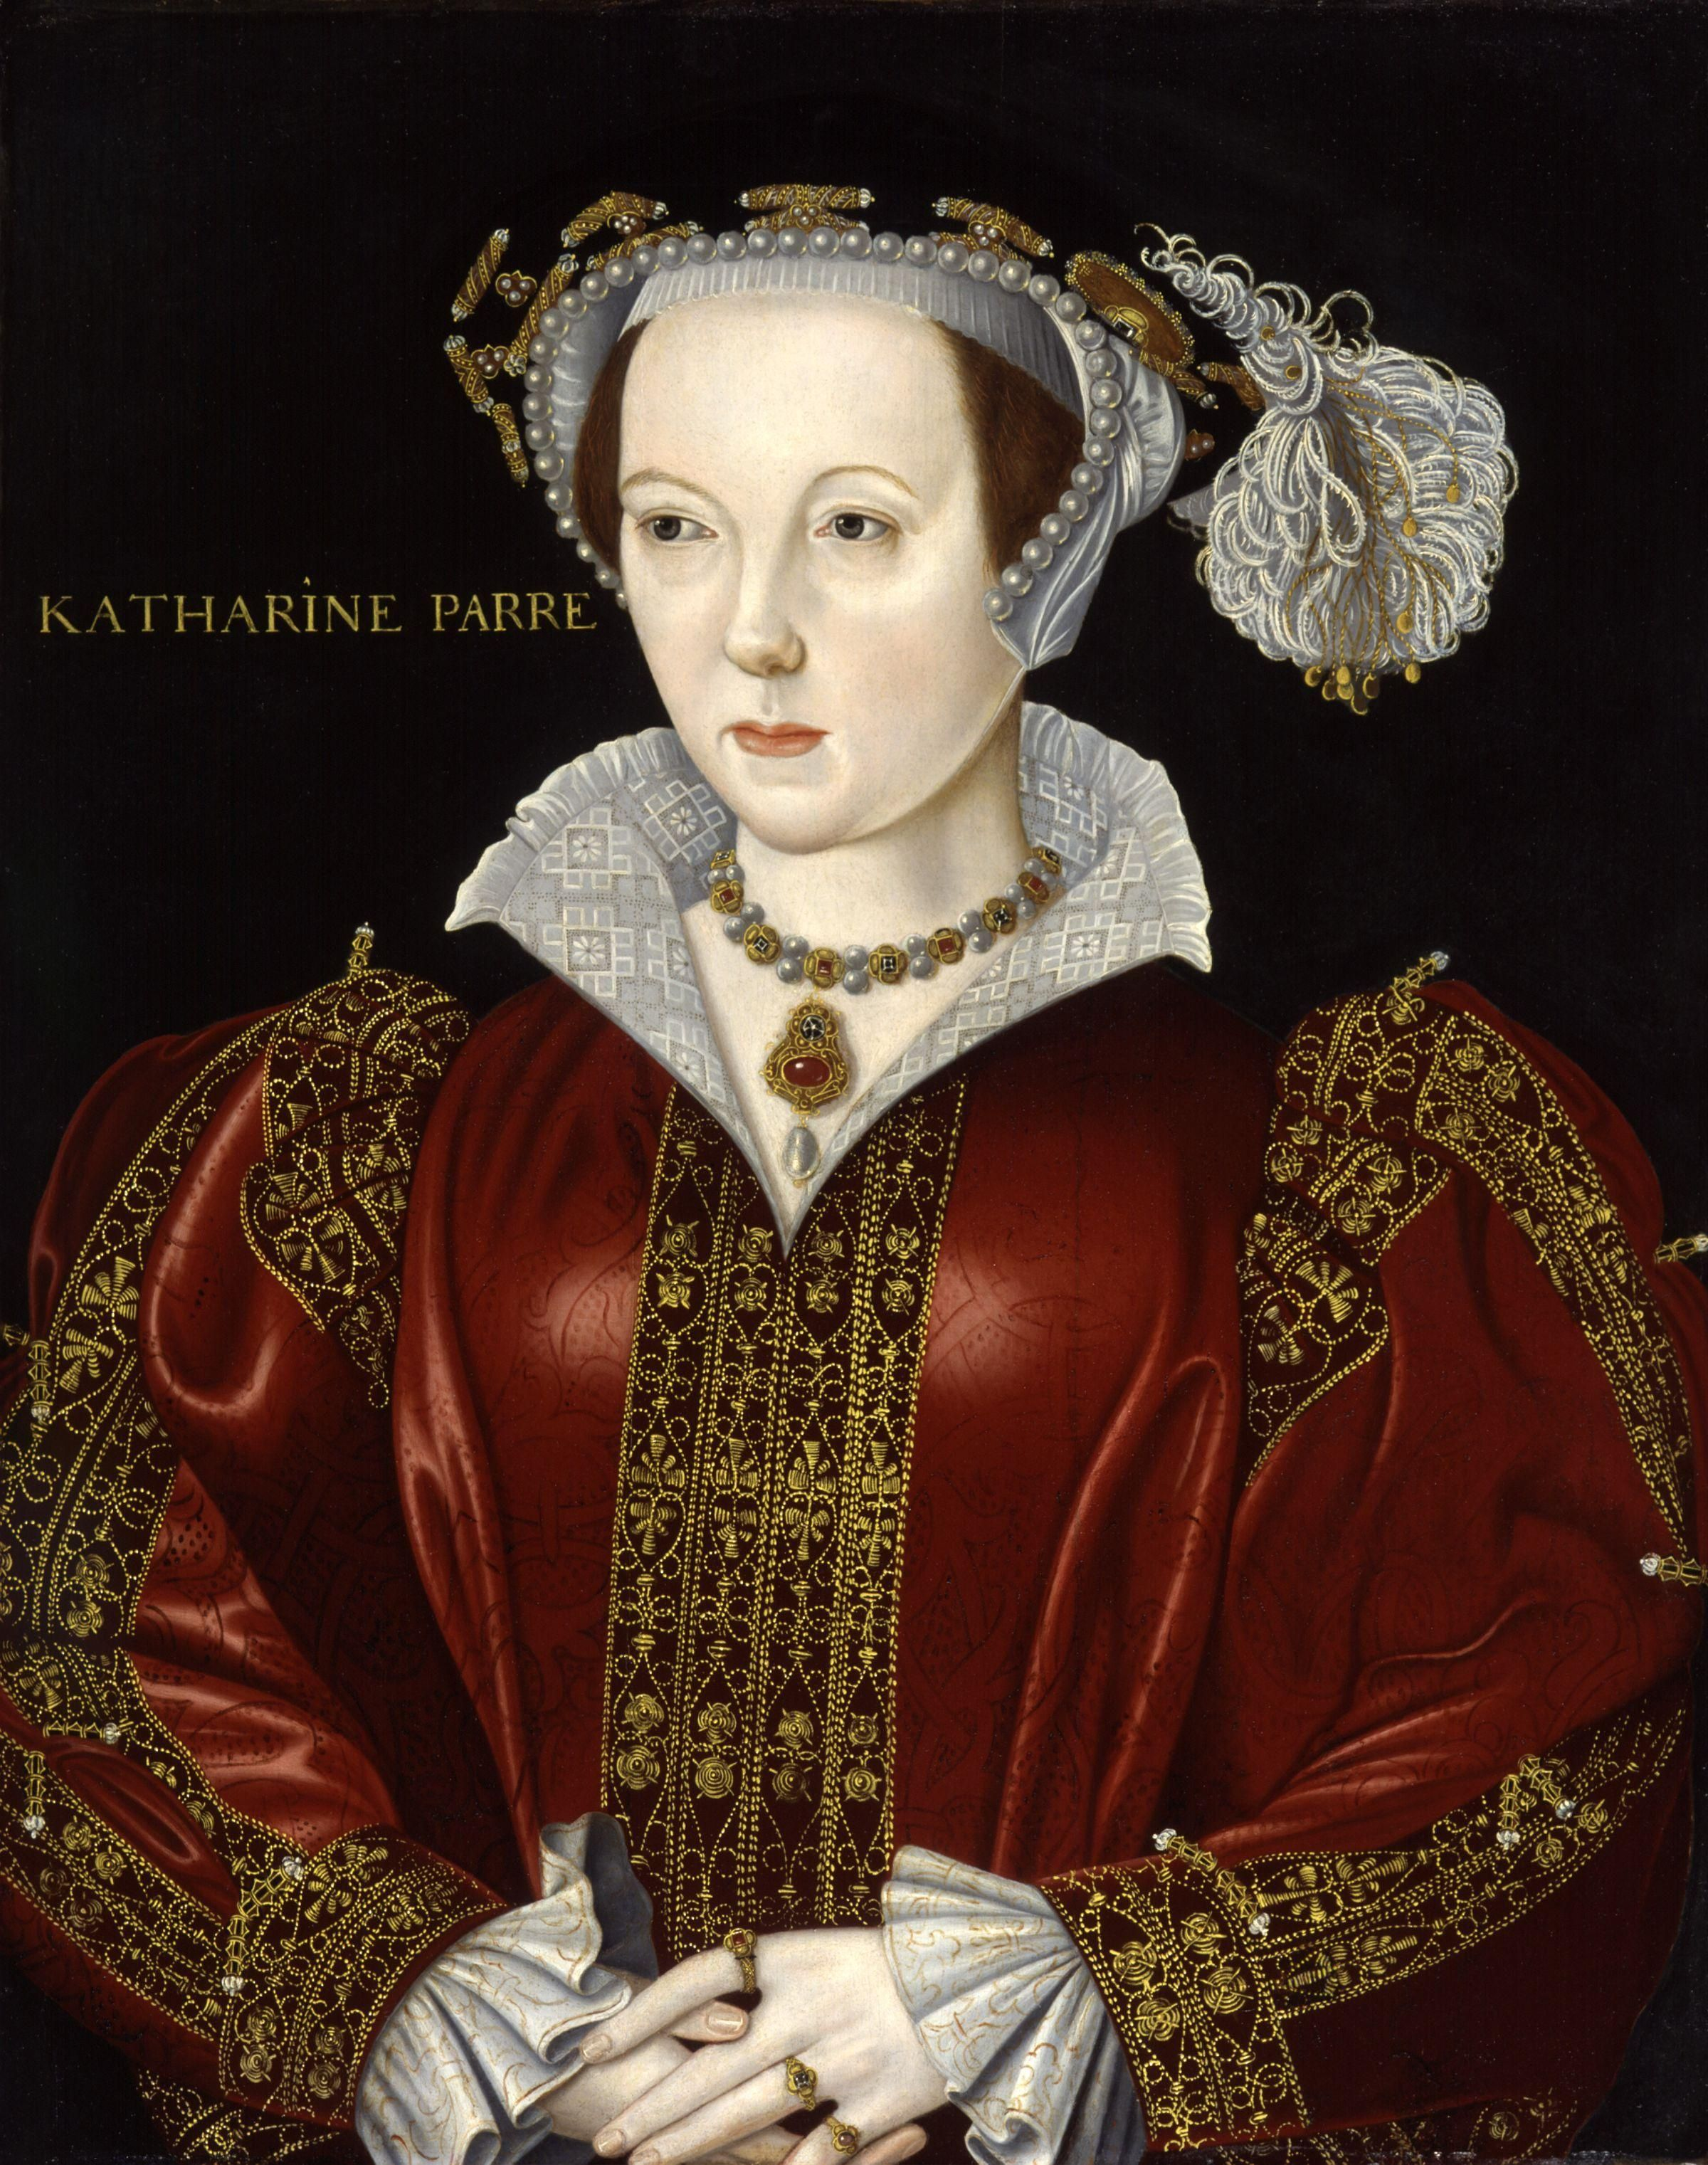 Annie nie udało się zostać ponownie żoną Henryka VIII. Jego szóstą małżonką została Katarzyna Parr, co bolało tym bardziej, że nie była ani młodsza, ani piękniejsza od Anny (źródło: domena publiczna).